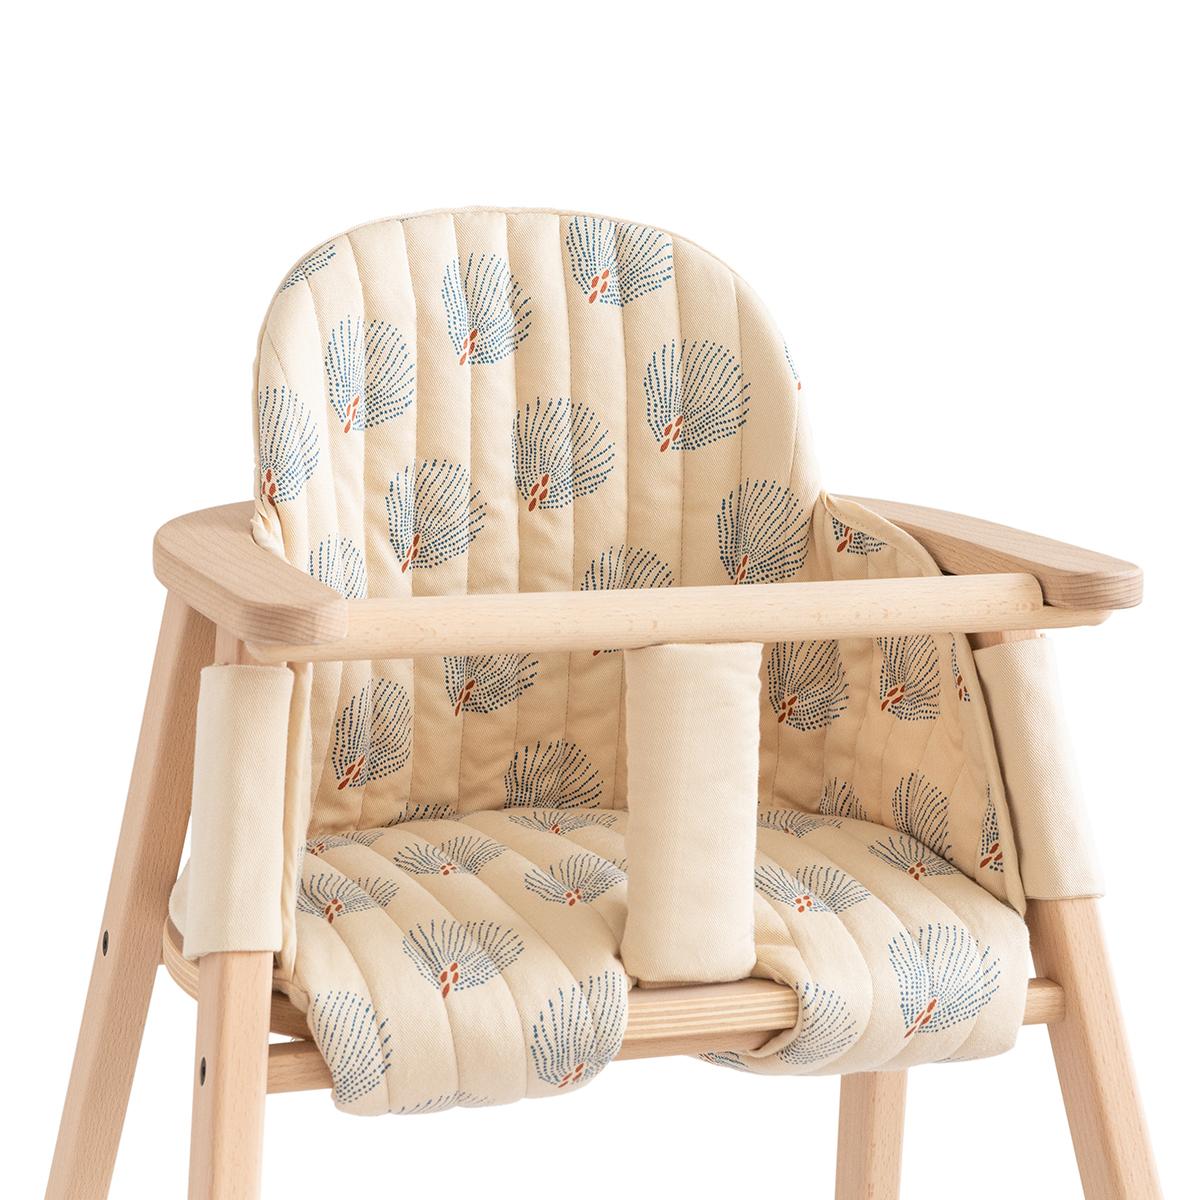 Chaise haute Coussin pour Chaise Haute Growing Green - Blue Gatsby & Cream Coussin pour Chaise Haute Growing Green - Blue Gatsby & Cream